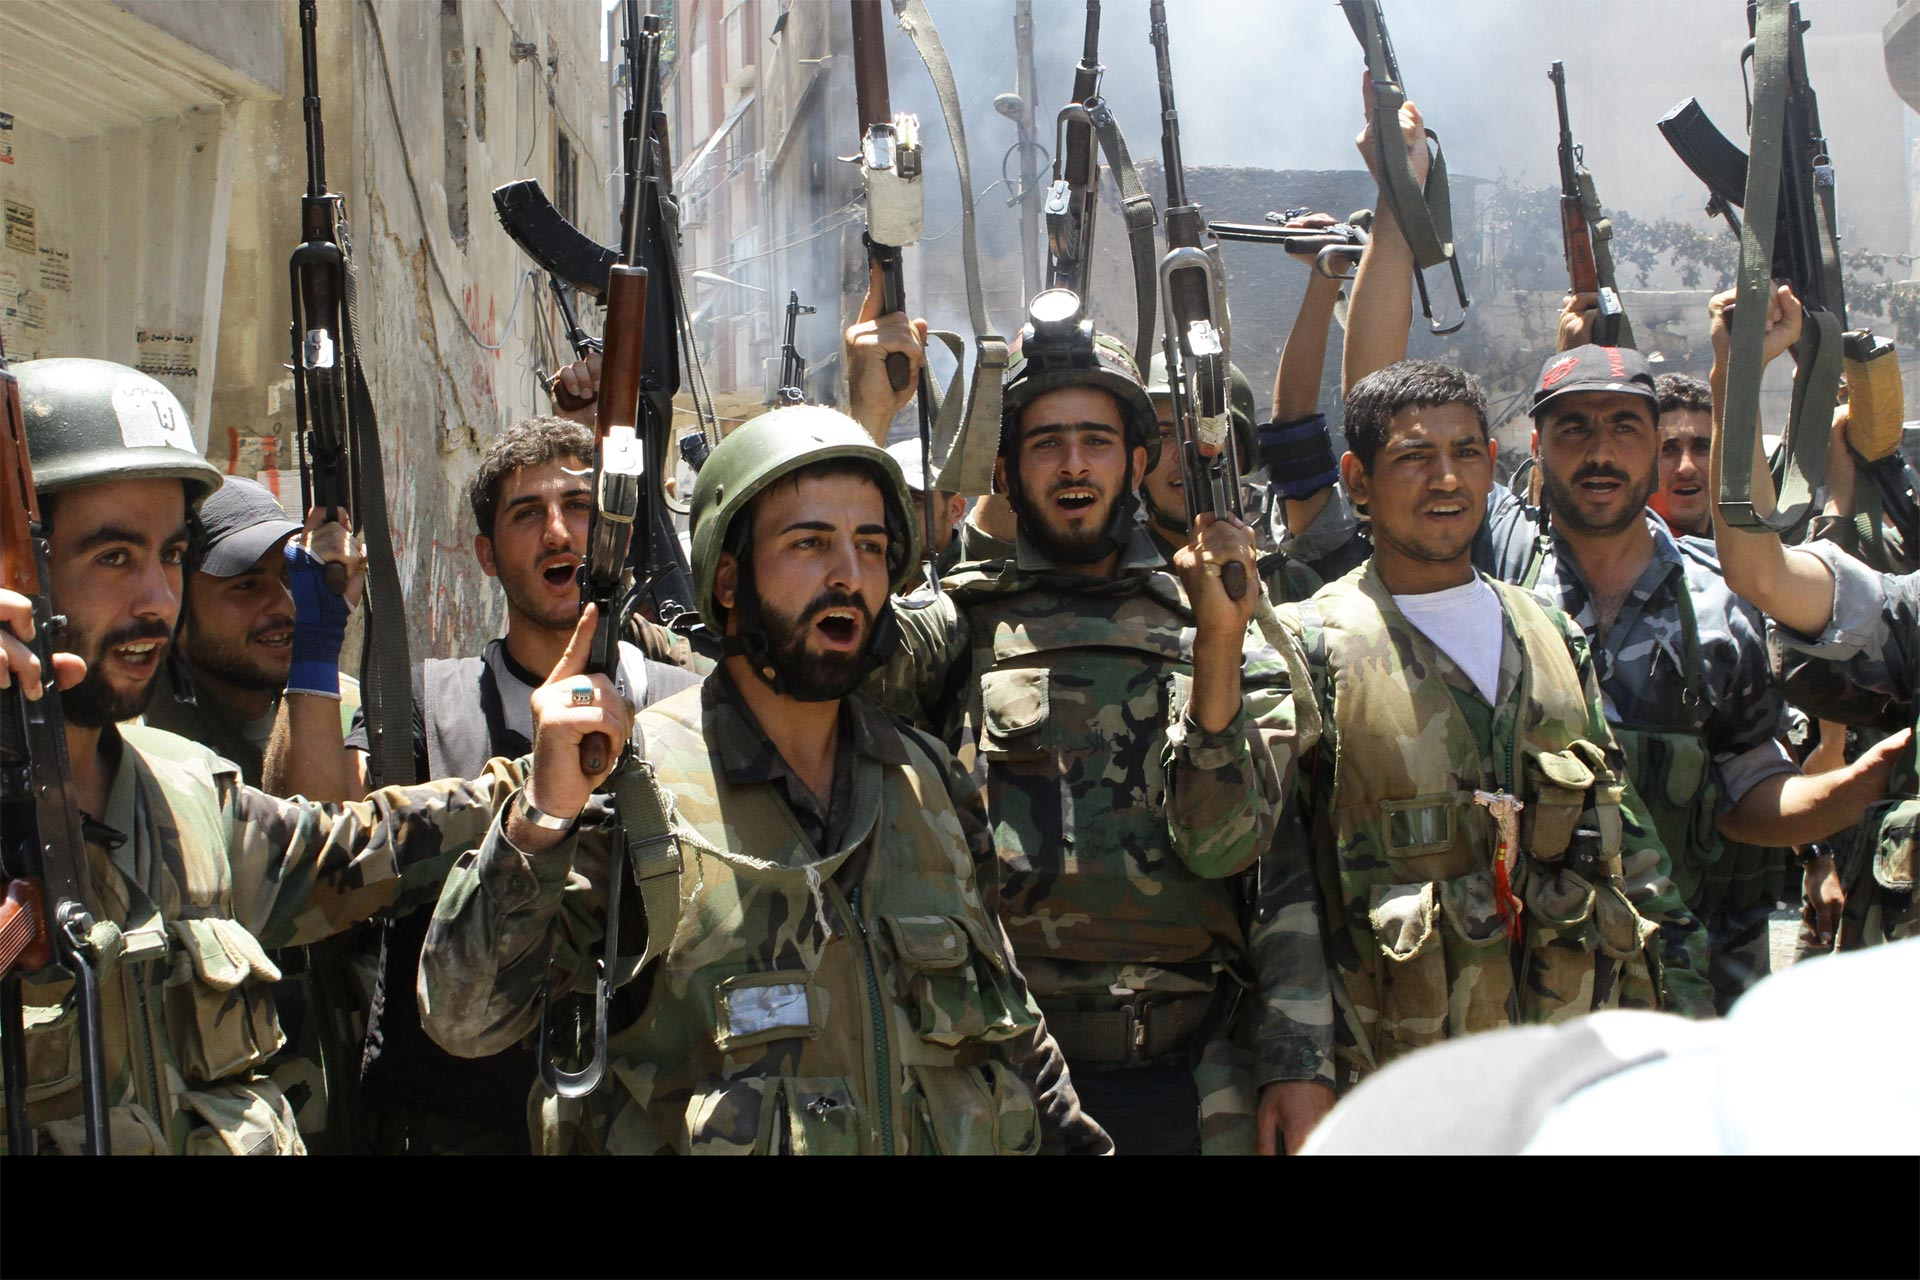 Rebeldes islamistas ejecutan a soldados sirios